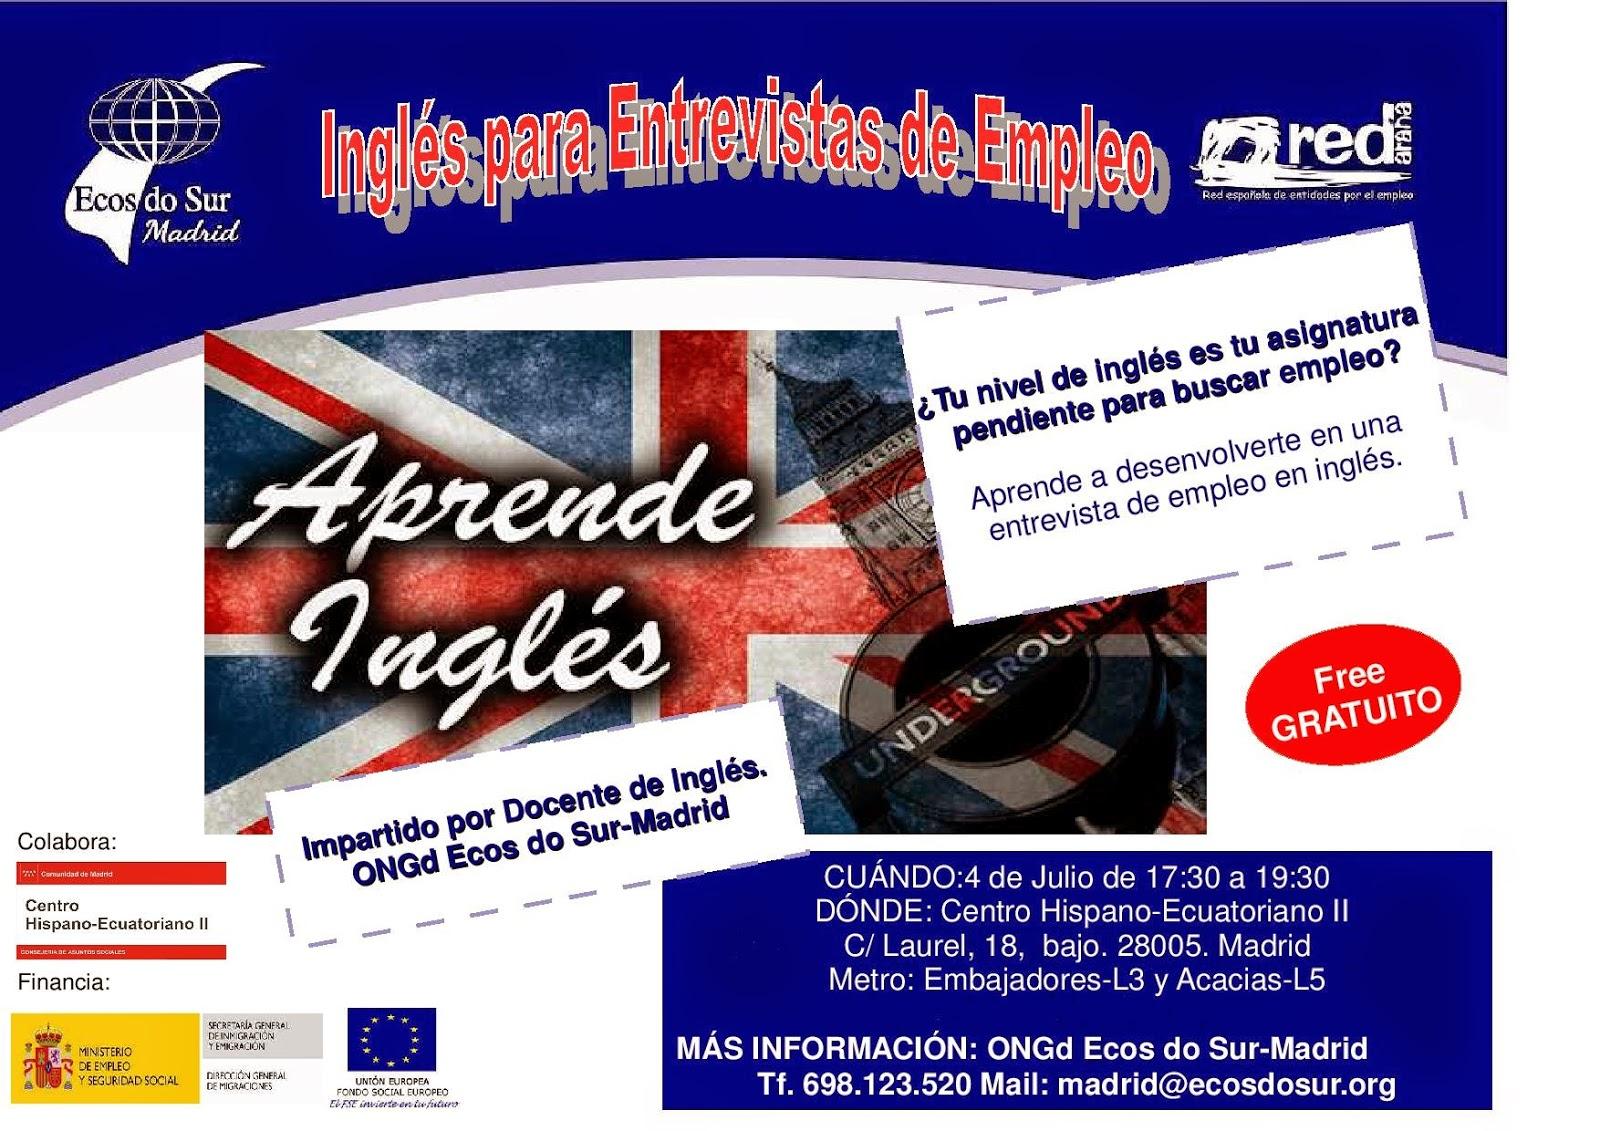 http://www.ecosdosur-madrid.org/noticias/taller-de-ingles-para-entrevistas-de-trabajo